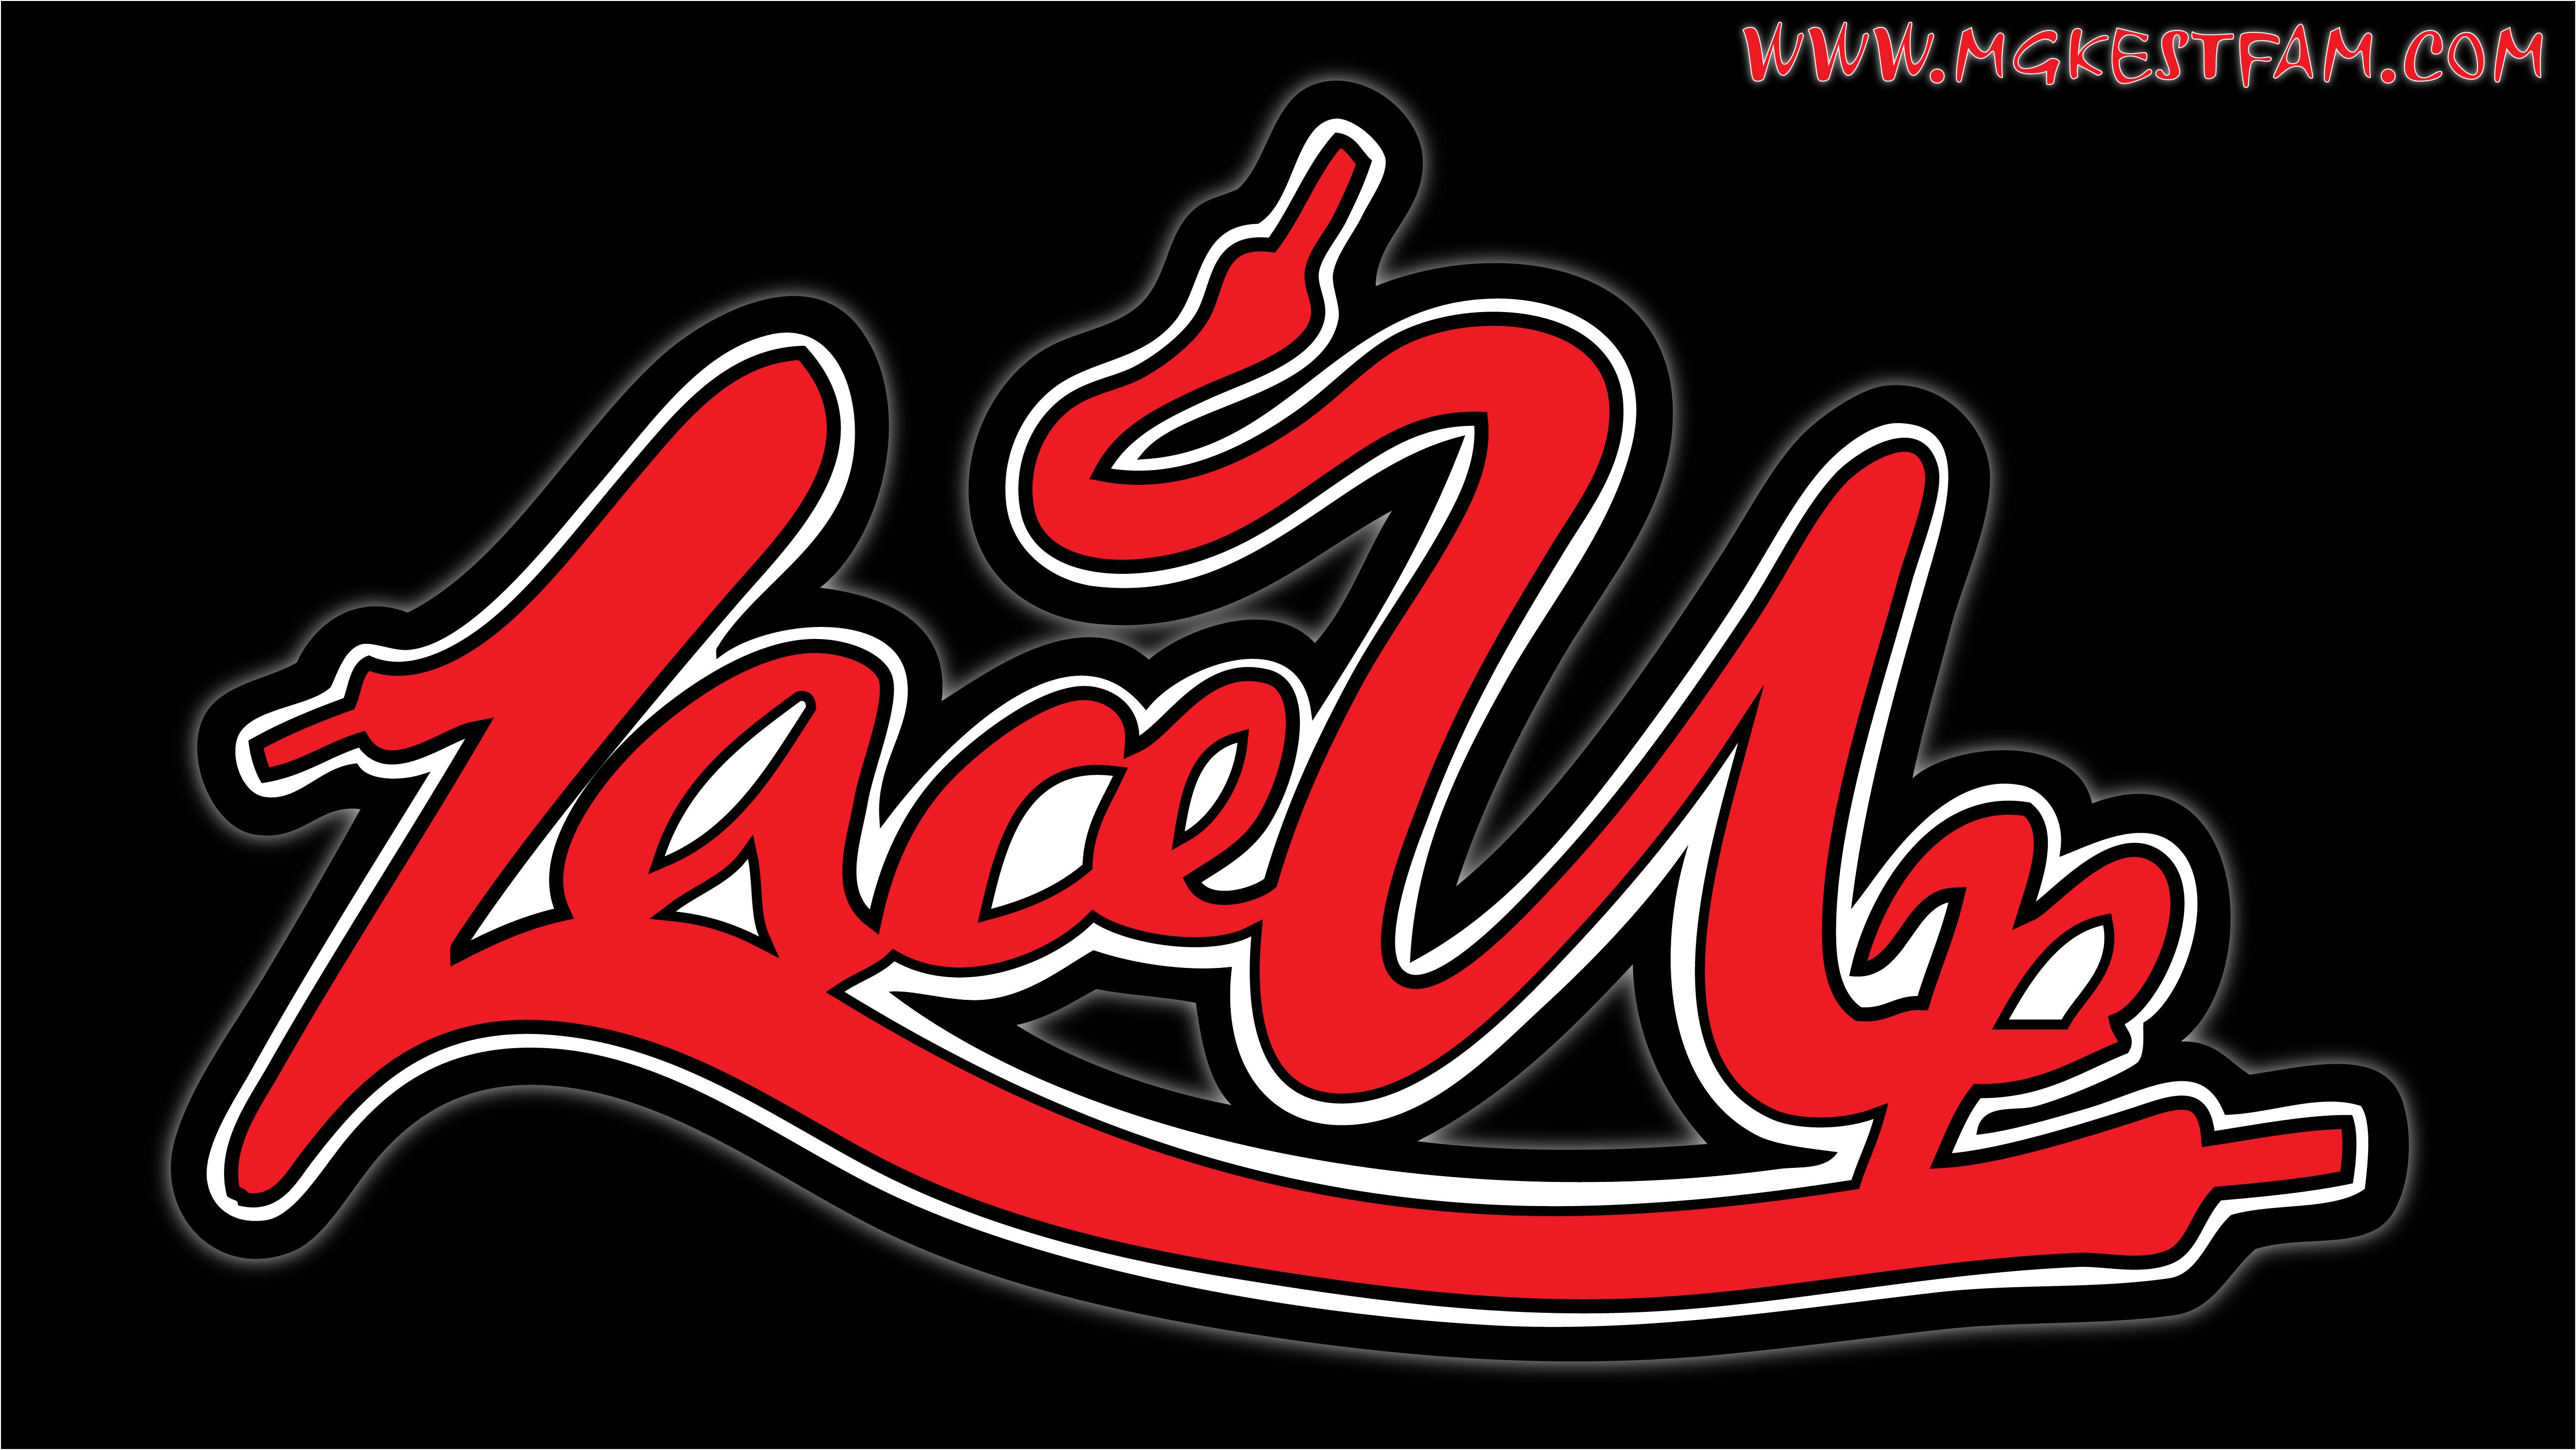 Lace Up Black 1280720 5335x3002